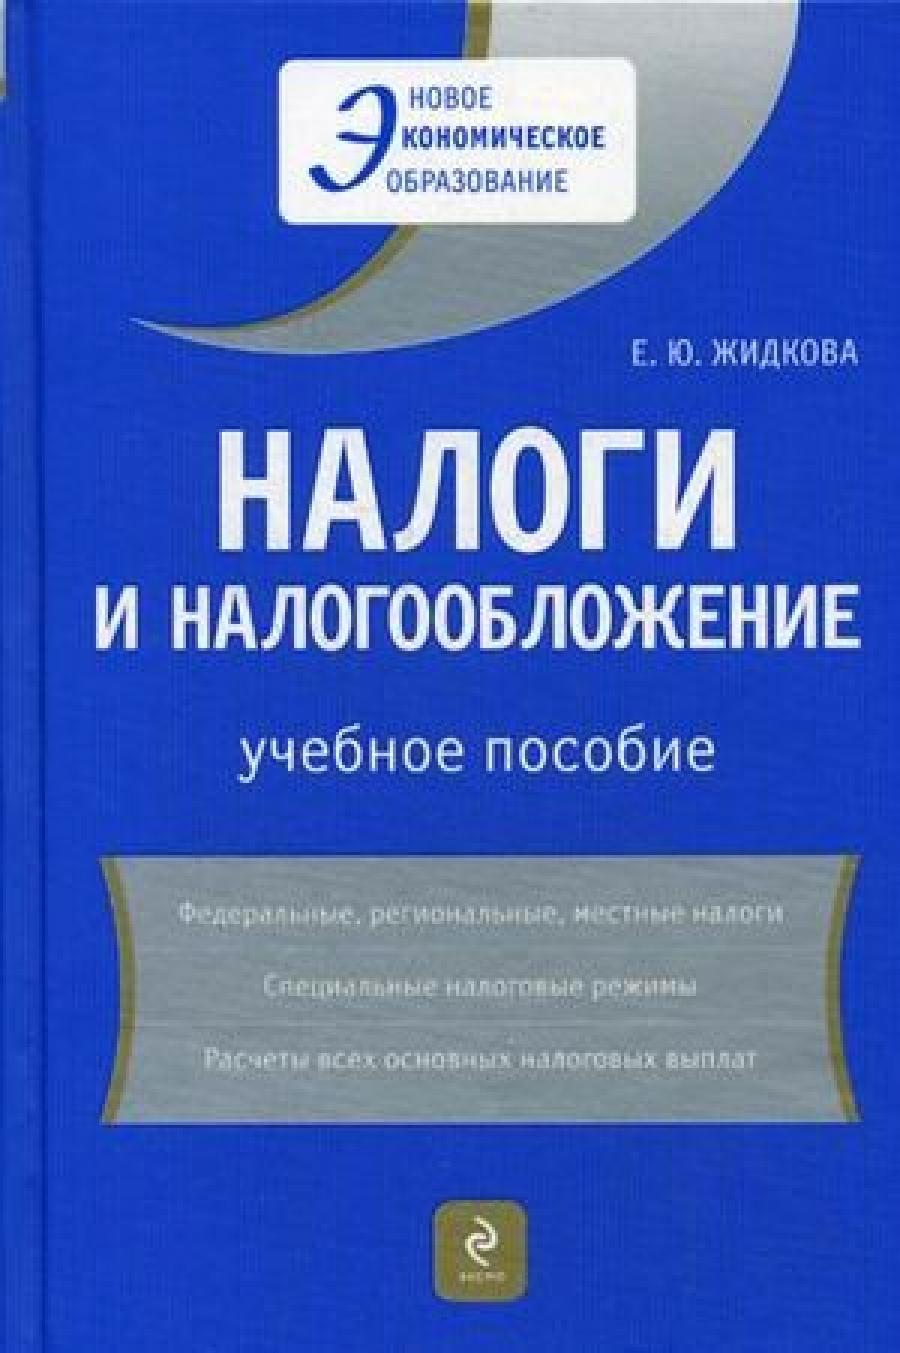 Обложка книги:  е. ю. жидкова - налоги и налогообложение